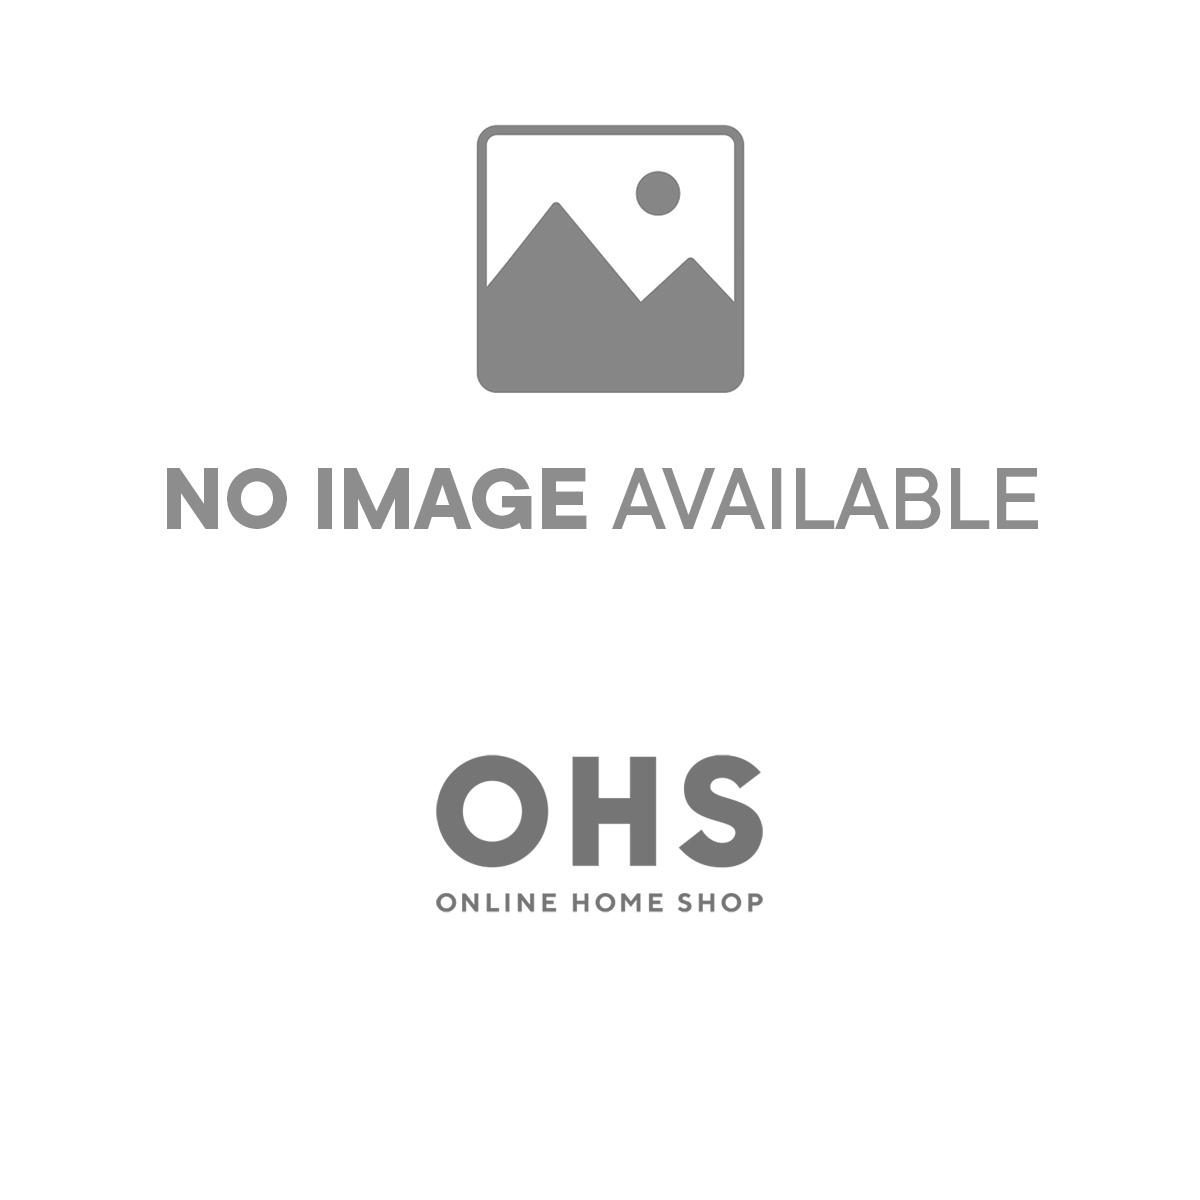 Dreamscene Hampton Duvet Set with Curtains, Double - Natural Beige